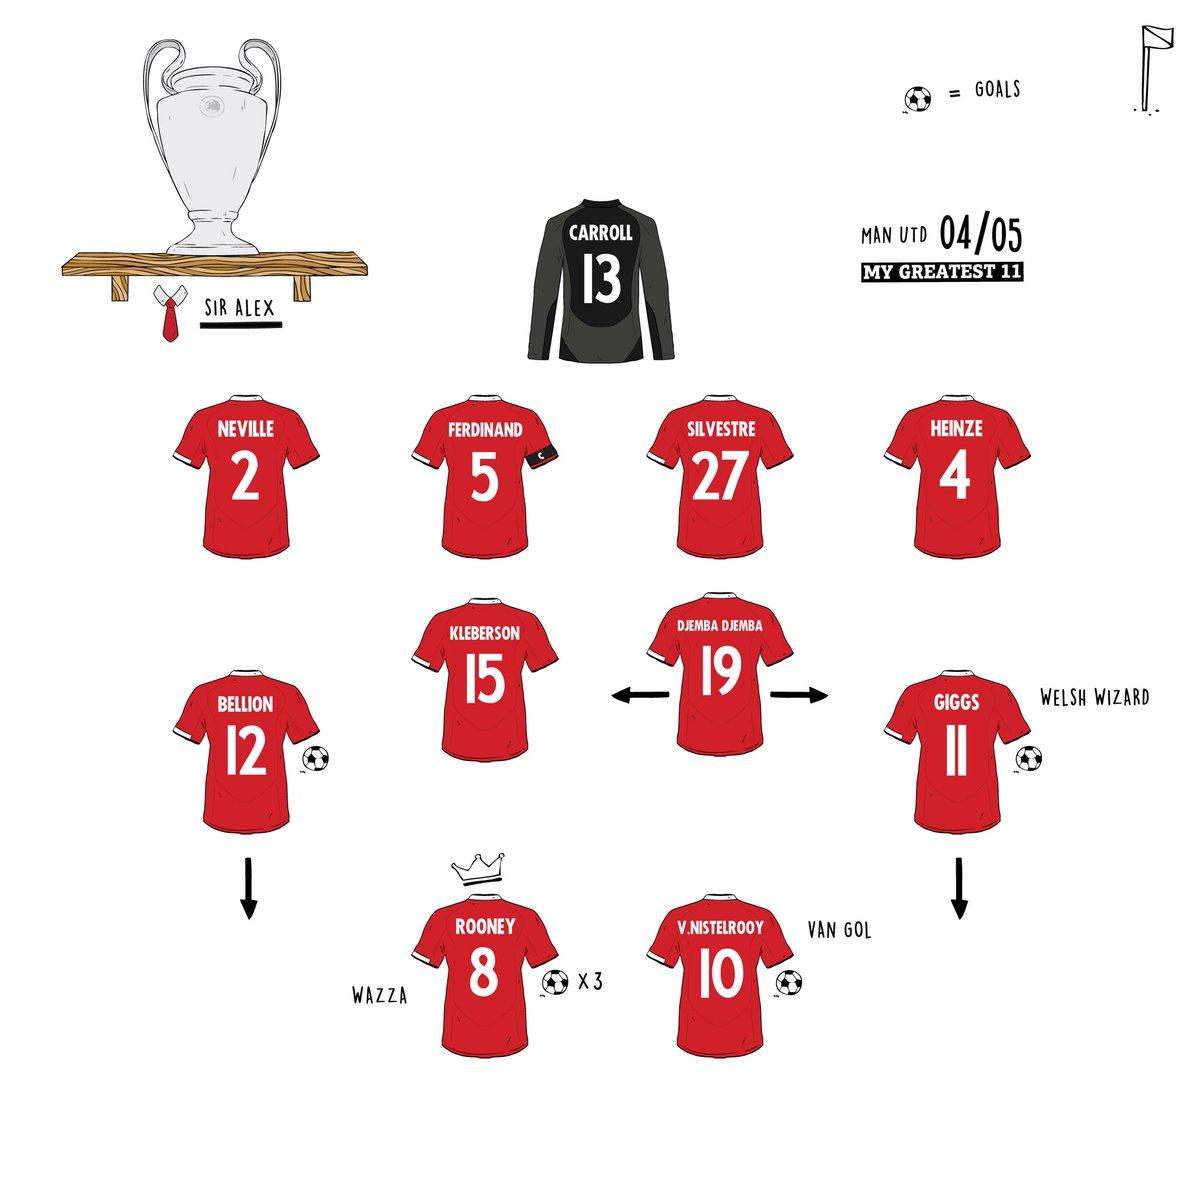 28/09/04  Man Utd 6-2 Fenerbahce  Rooney Hat-trick on his Man Utd Debut https://t.co/wyIAUfjLqu